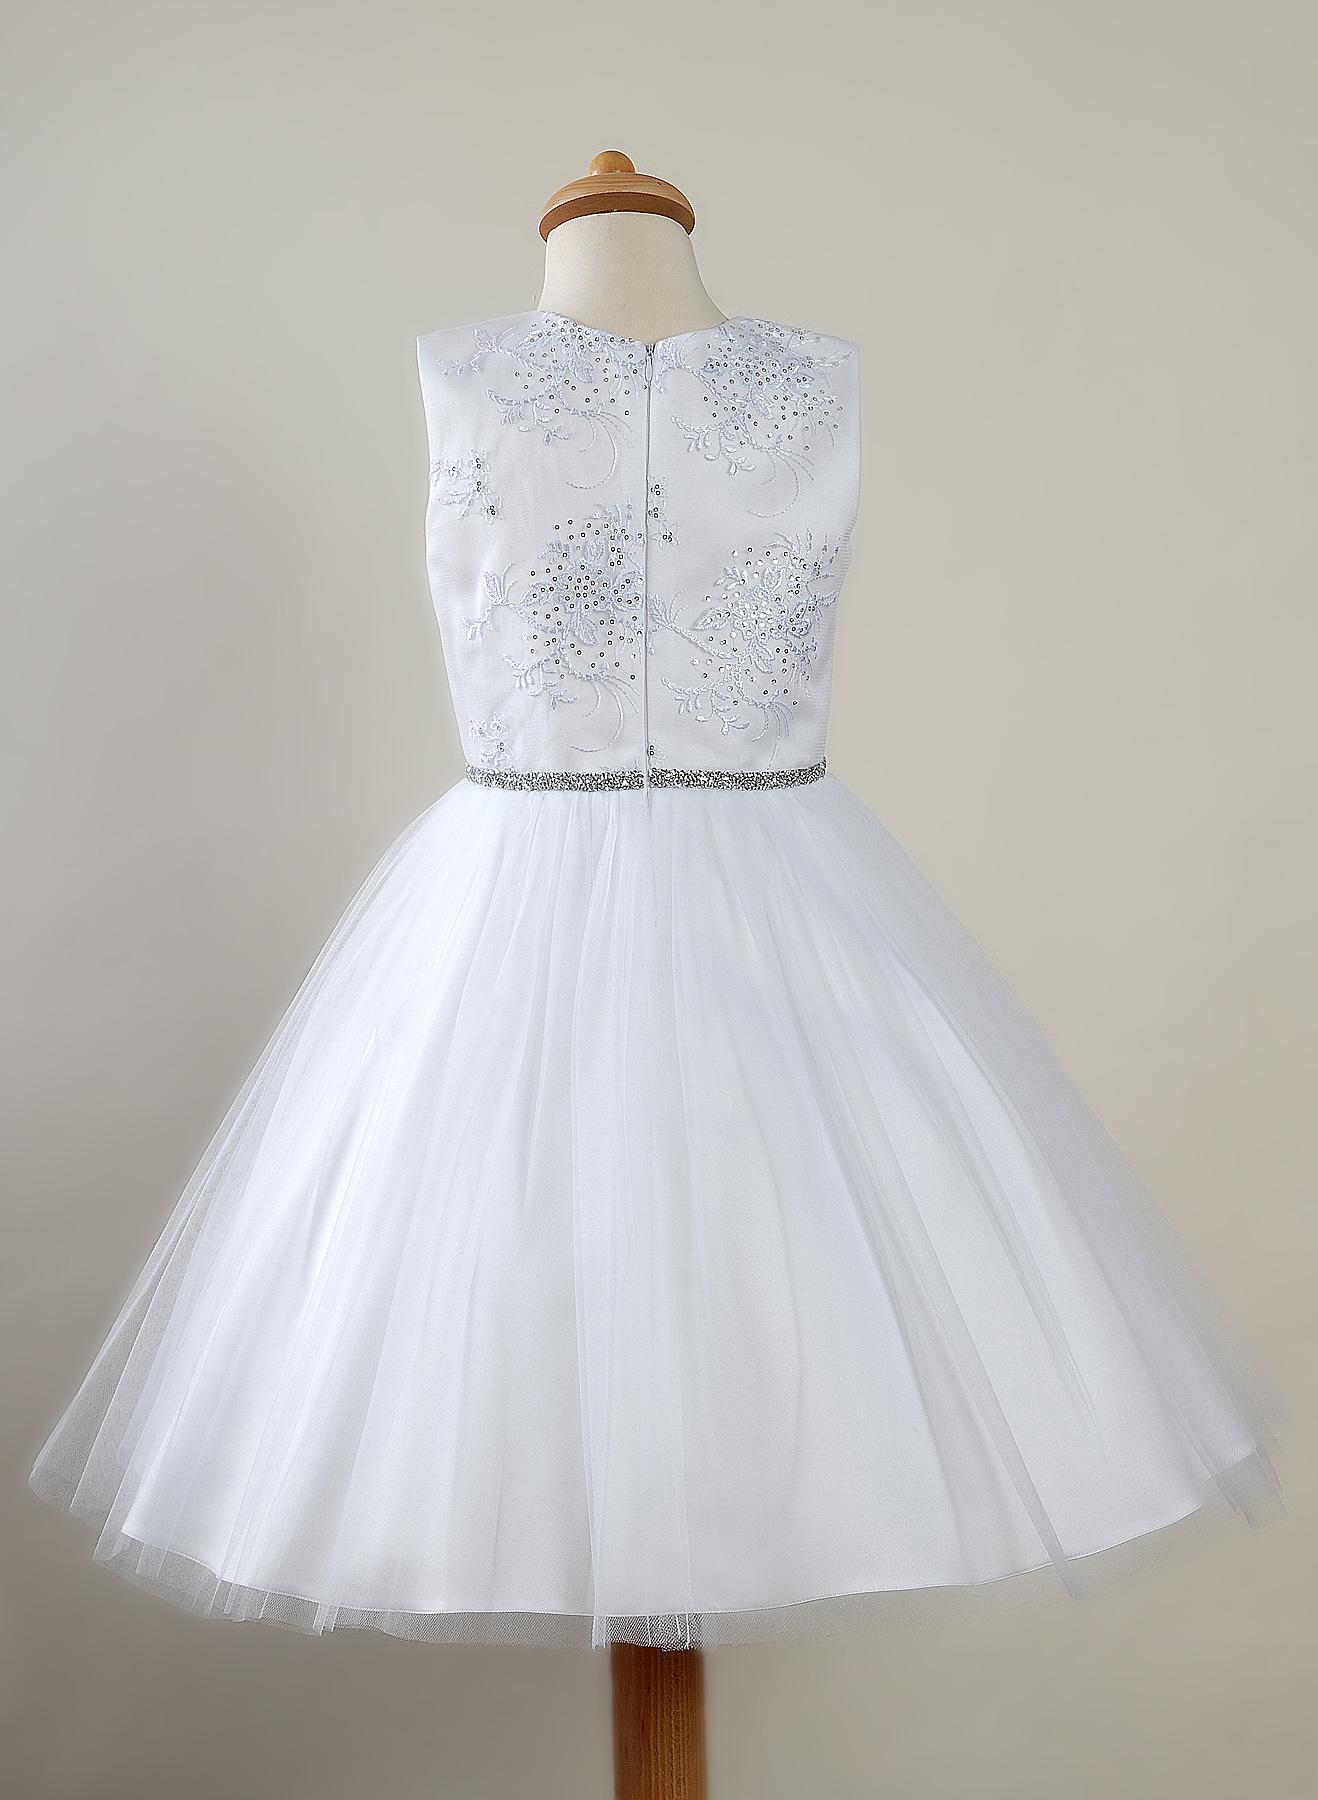 79e366ca1b Biała sukienka dla dziewczynki Modna Peggy